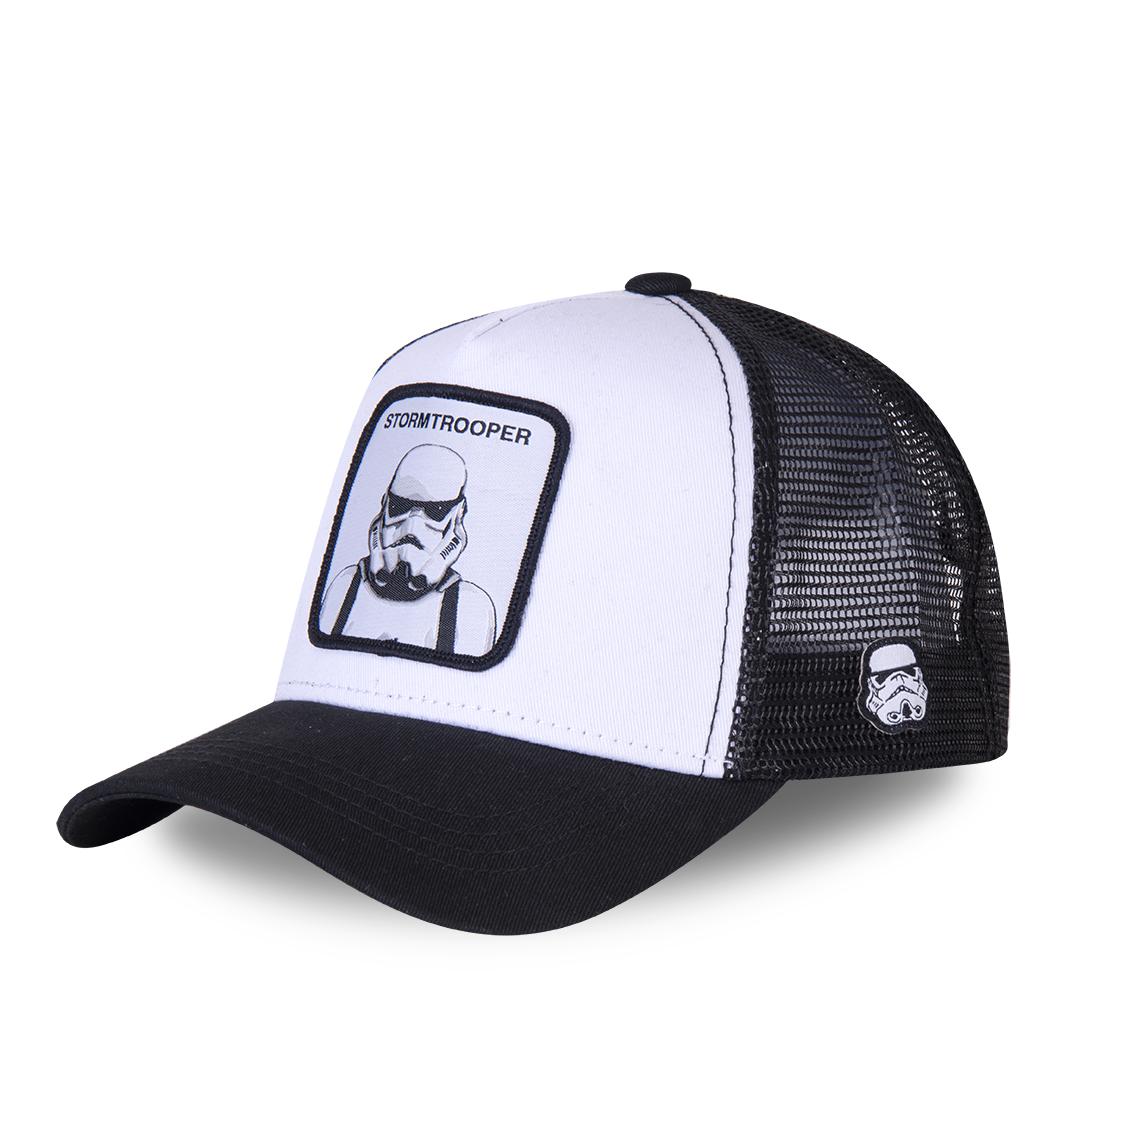 Casquette capslabs stormtrooper blanc et noir